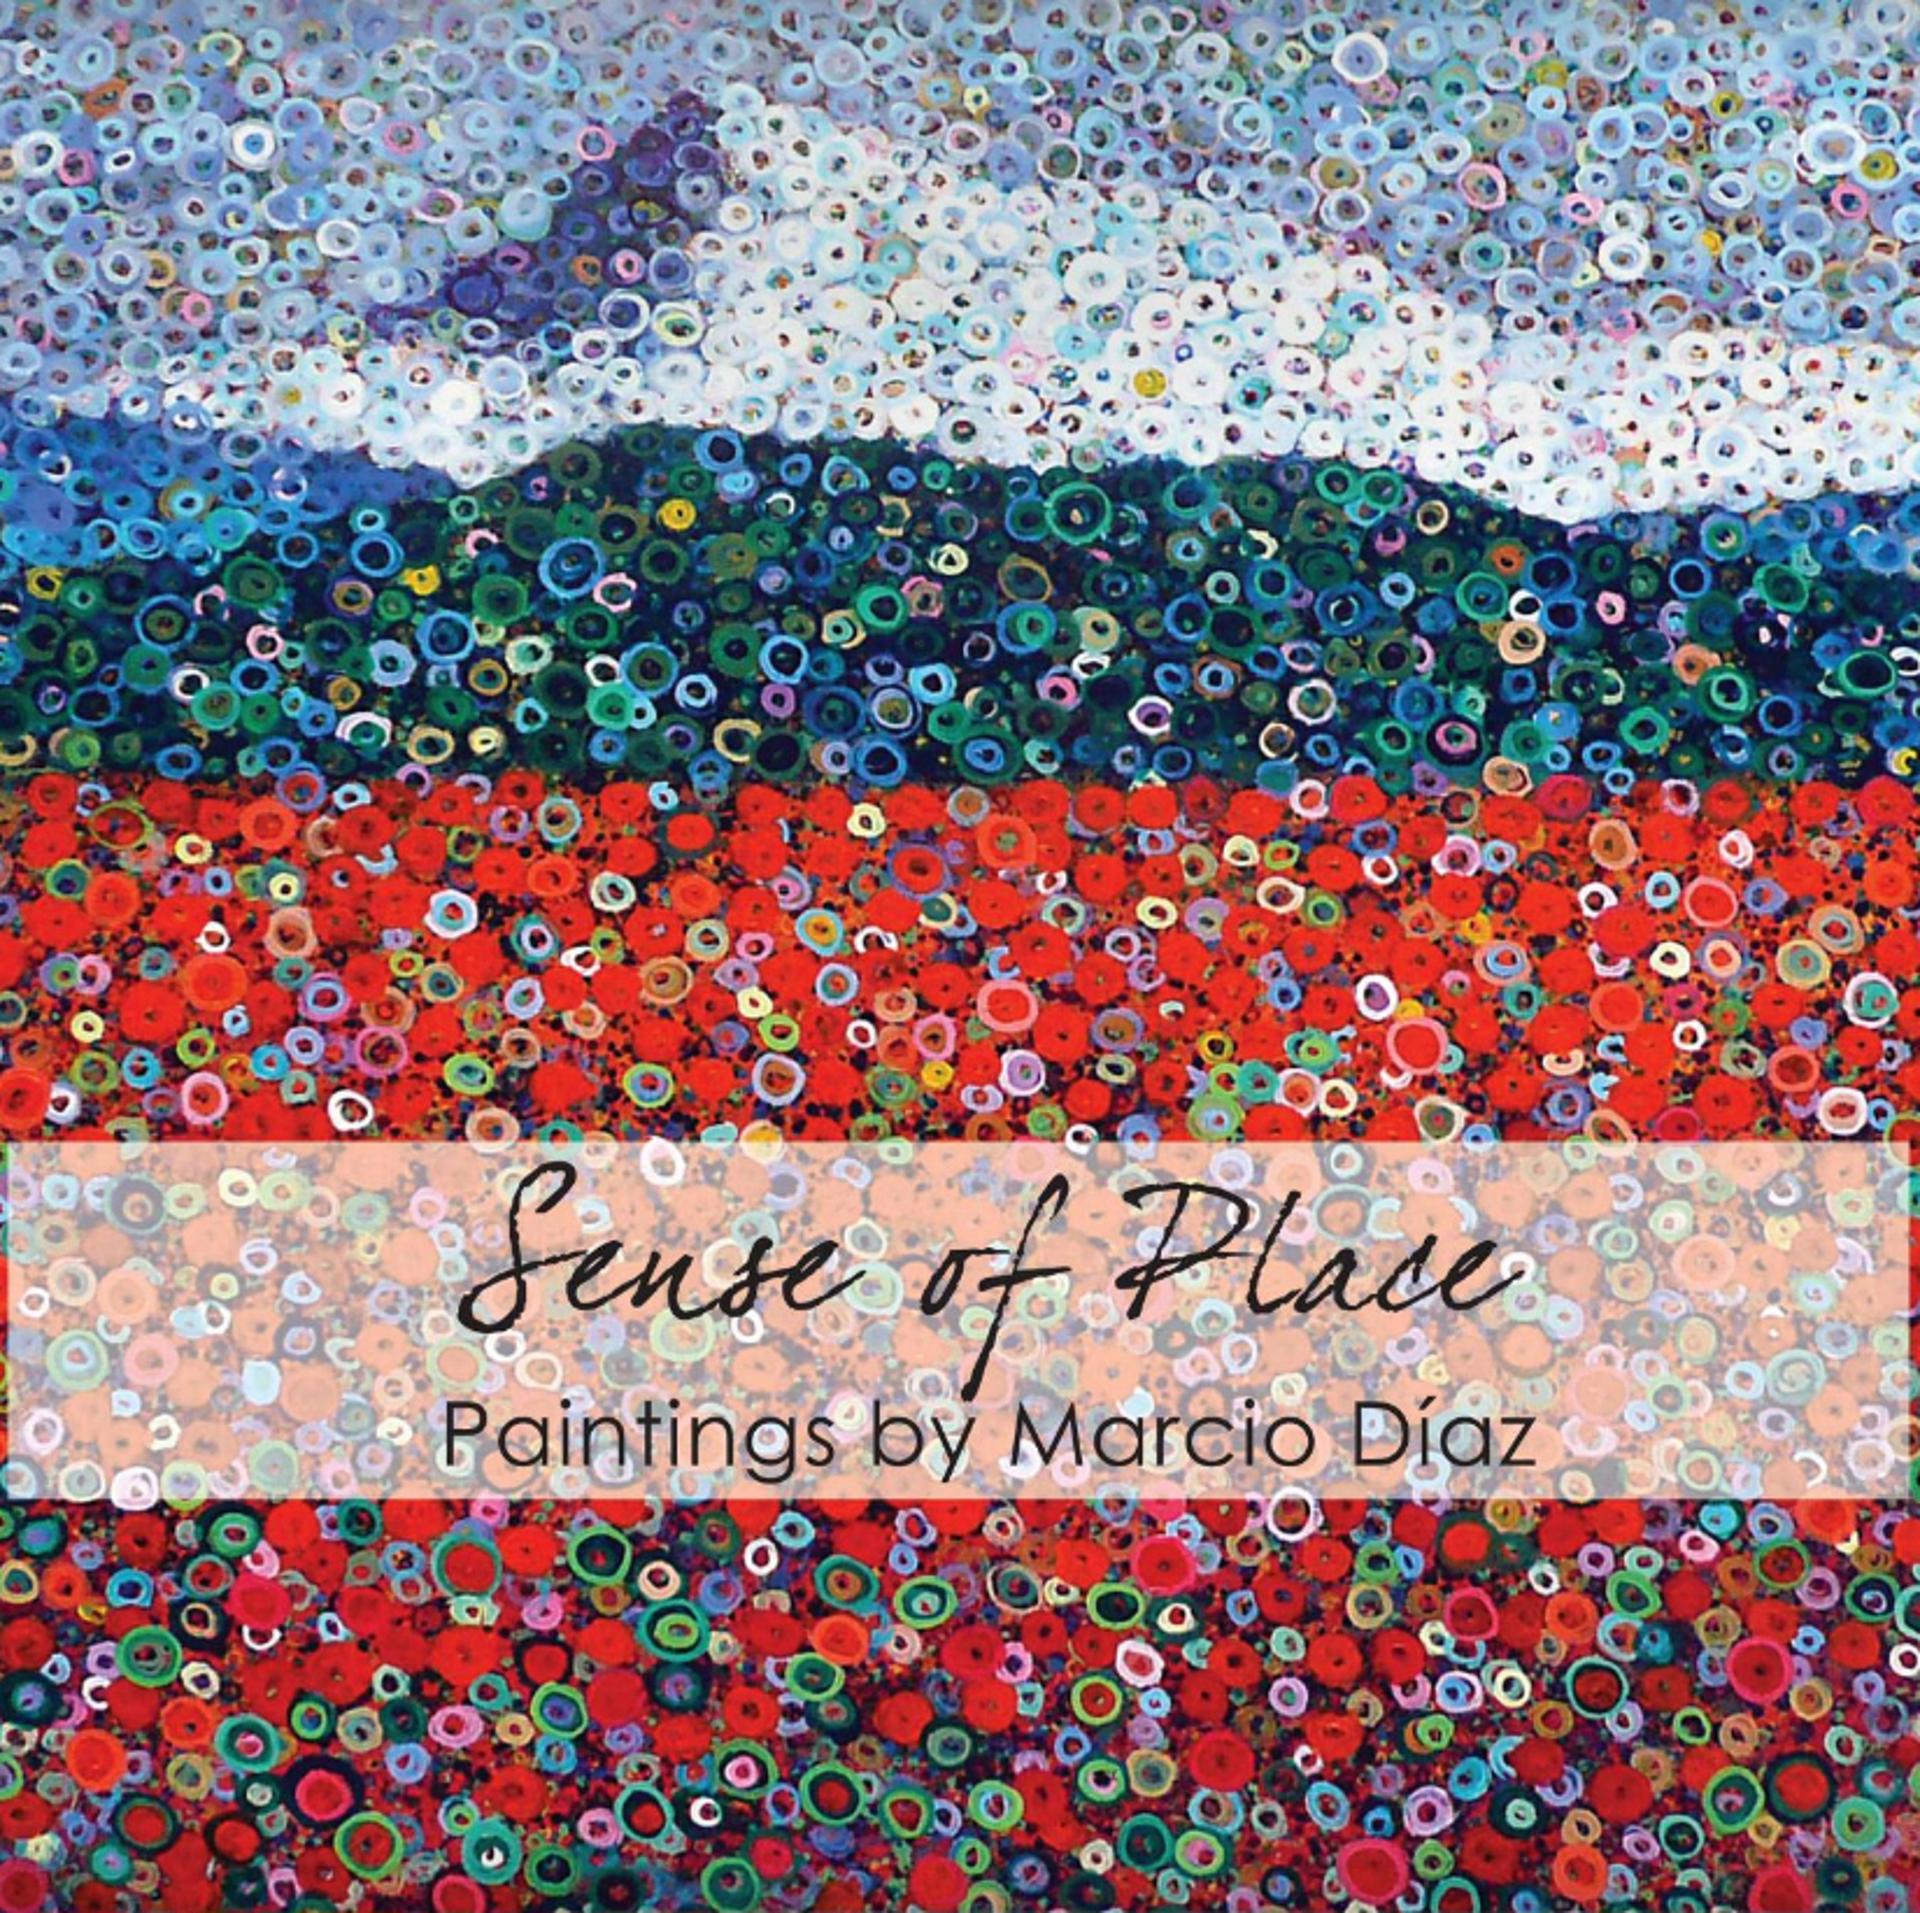 Sense of Place | exhibition catalog by Marcio Diaz